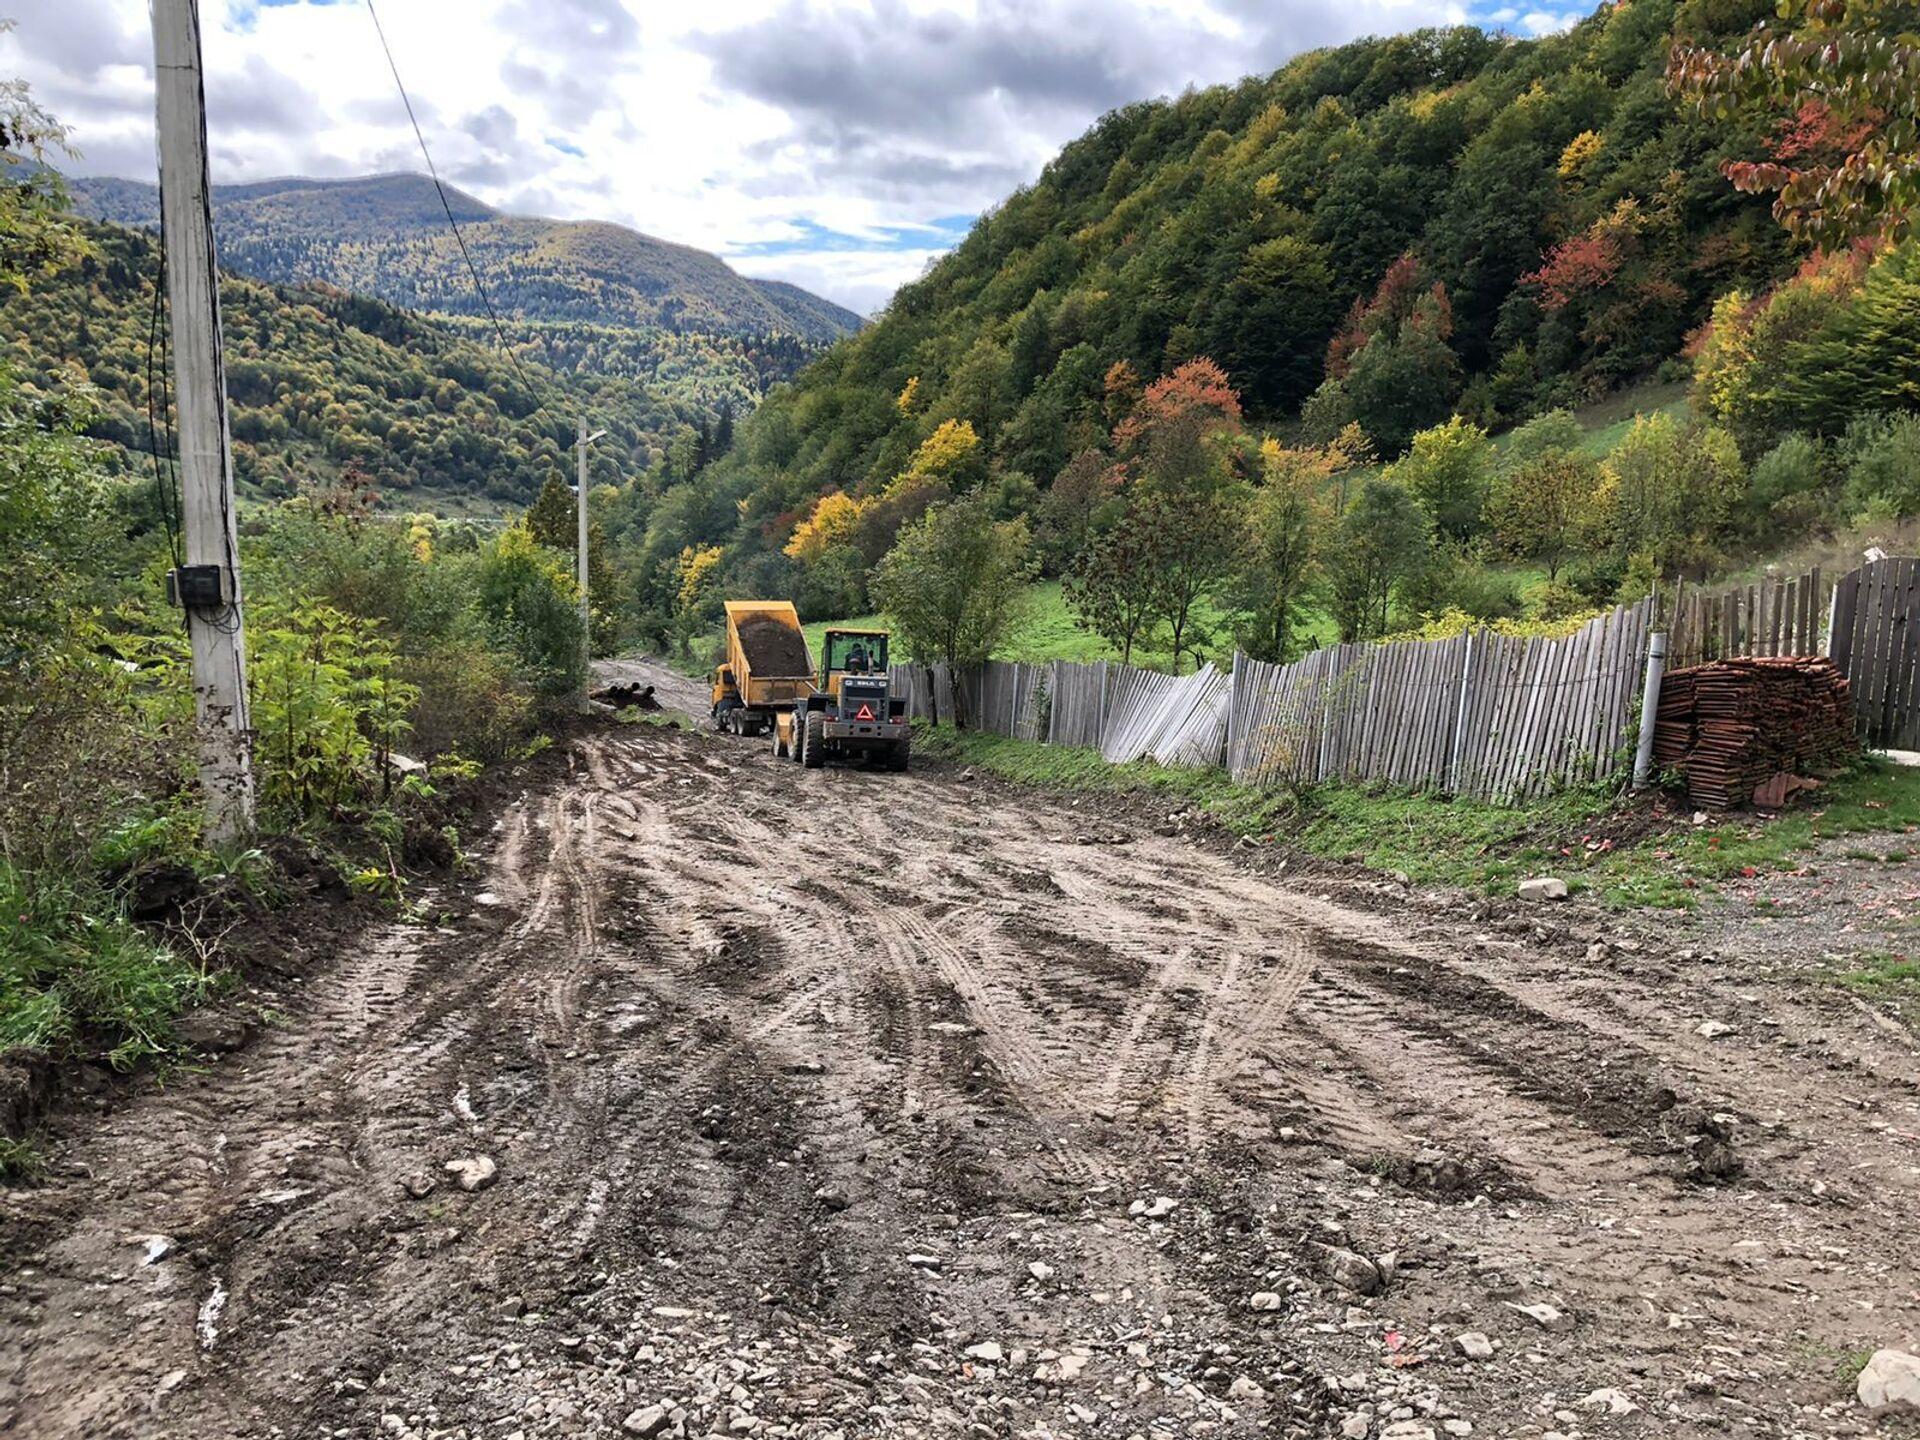 Дорожники ремонтируют в село Борджнис дорогу  - Sputnik Южная Осетия, 1920, 26.10.2021